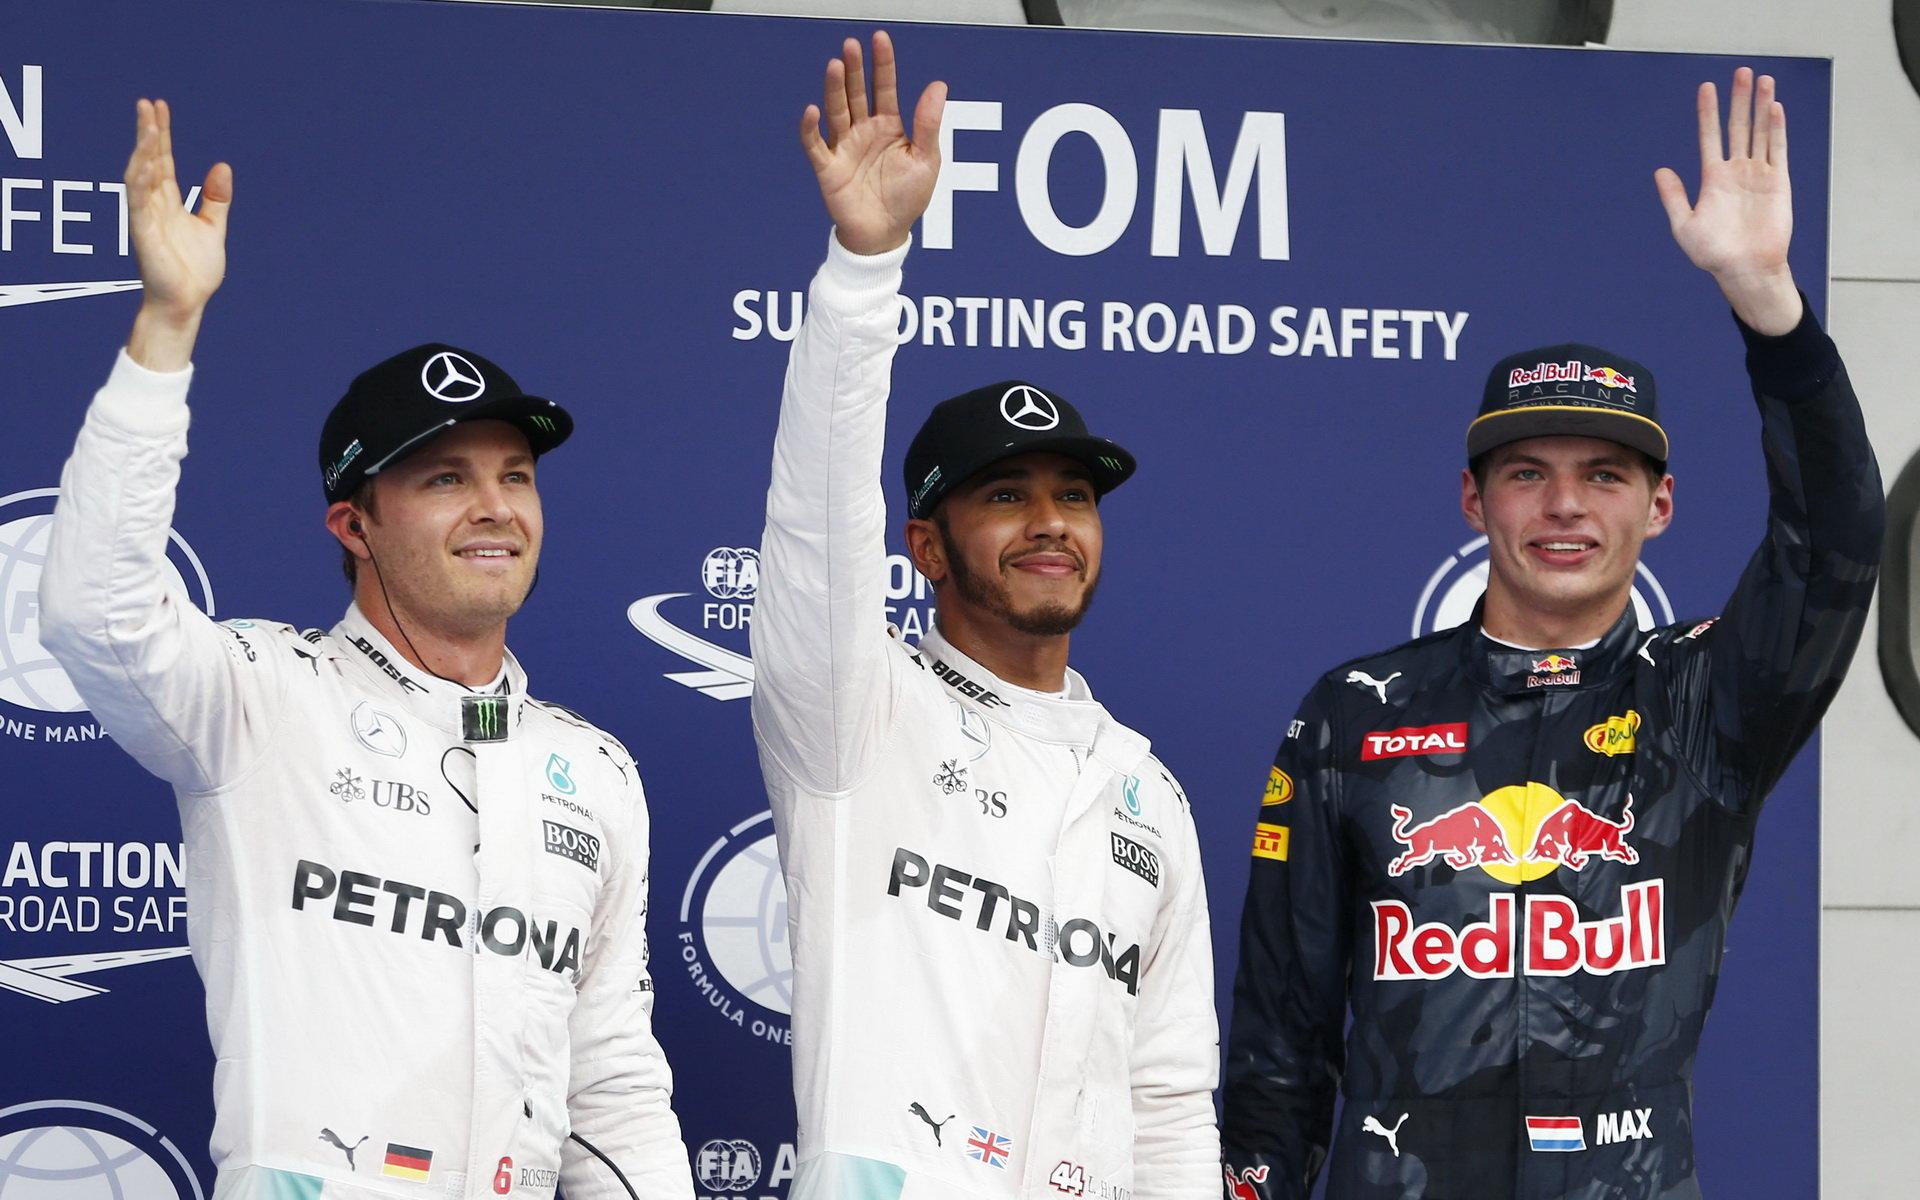 FOTO: Sobota v Malajsii: Mercedes kráčí za titulem, Red Bull se dostává před Ferrari - anotační foto